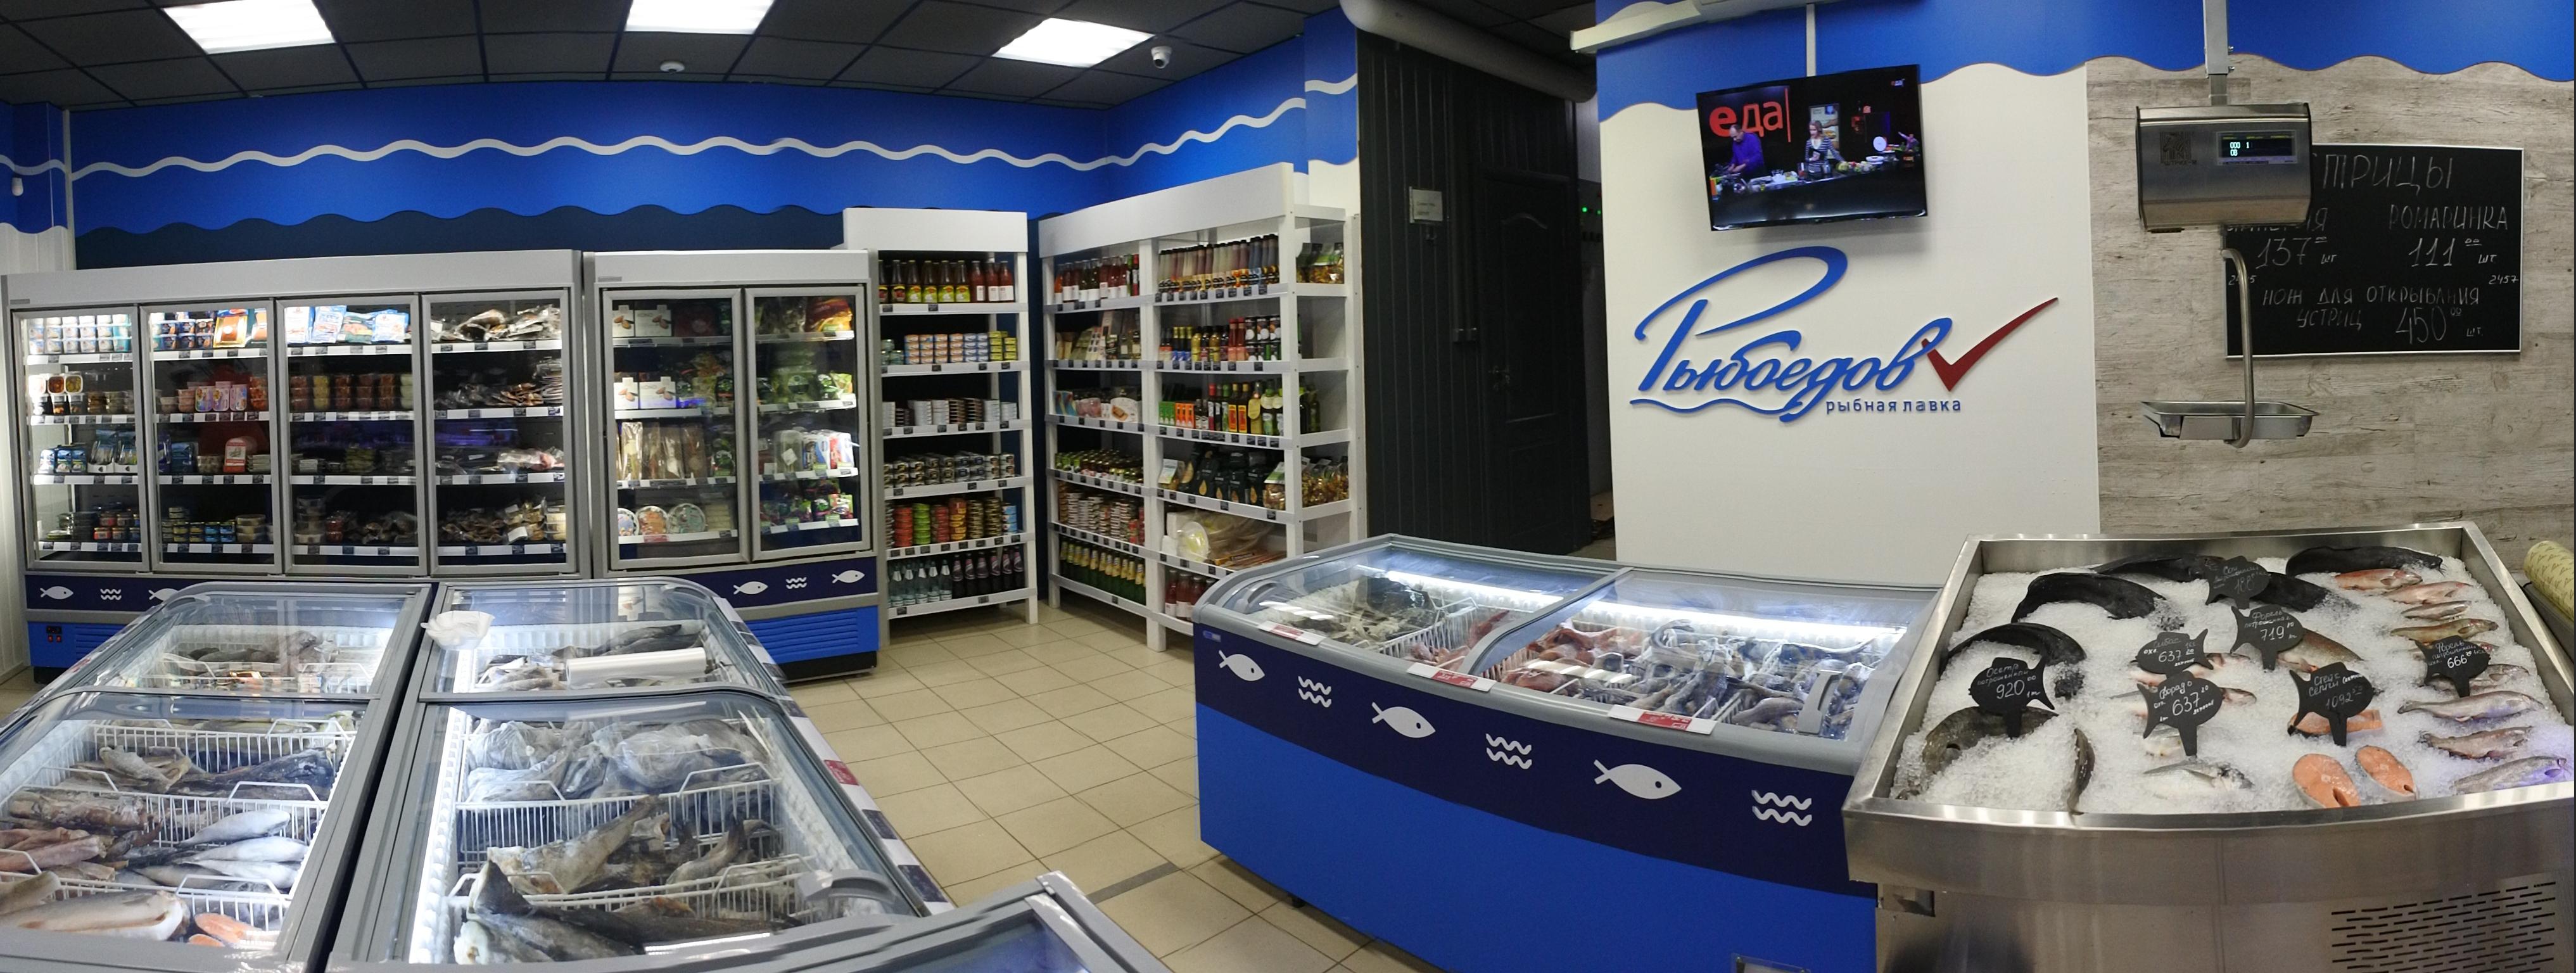 Холодильные и морозильные горки: виды, область применения, преимущества, производители